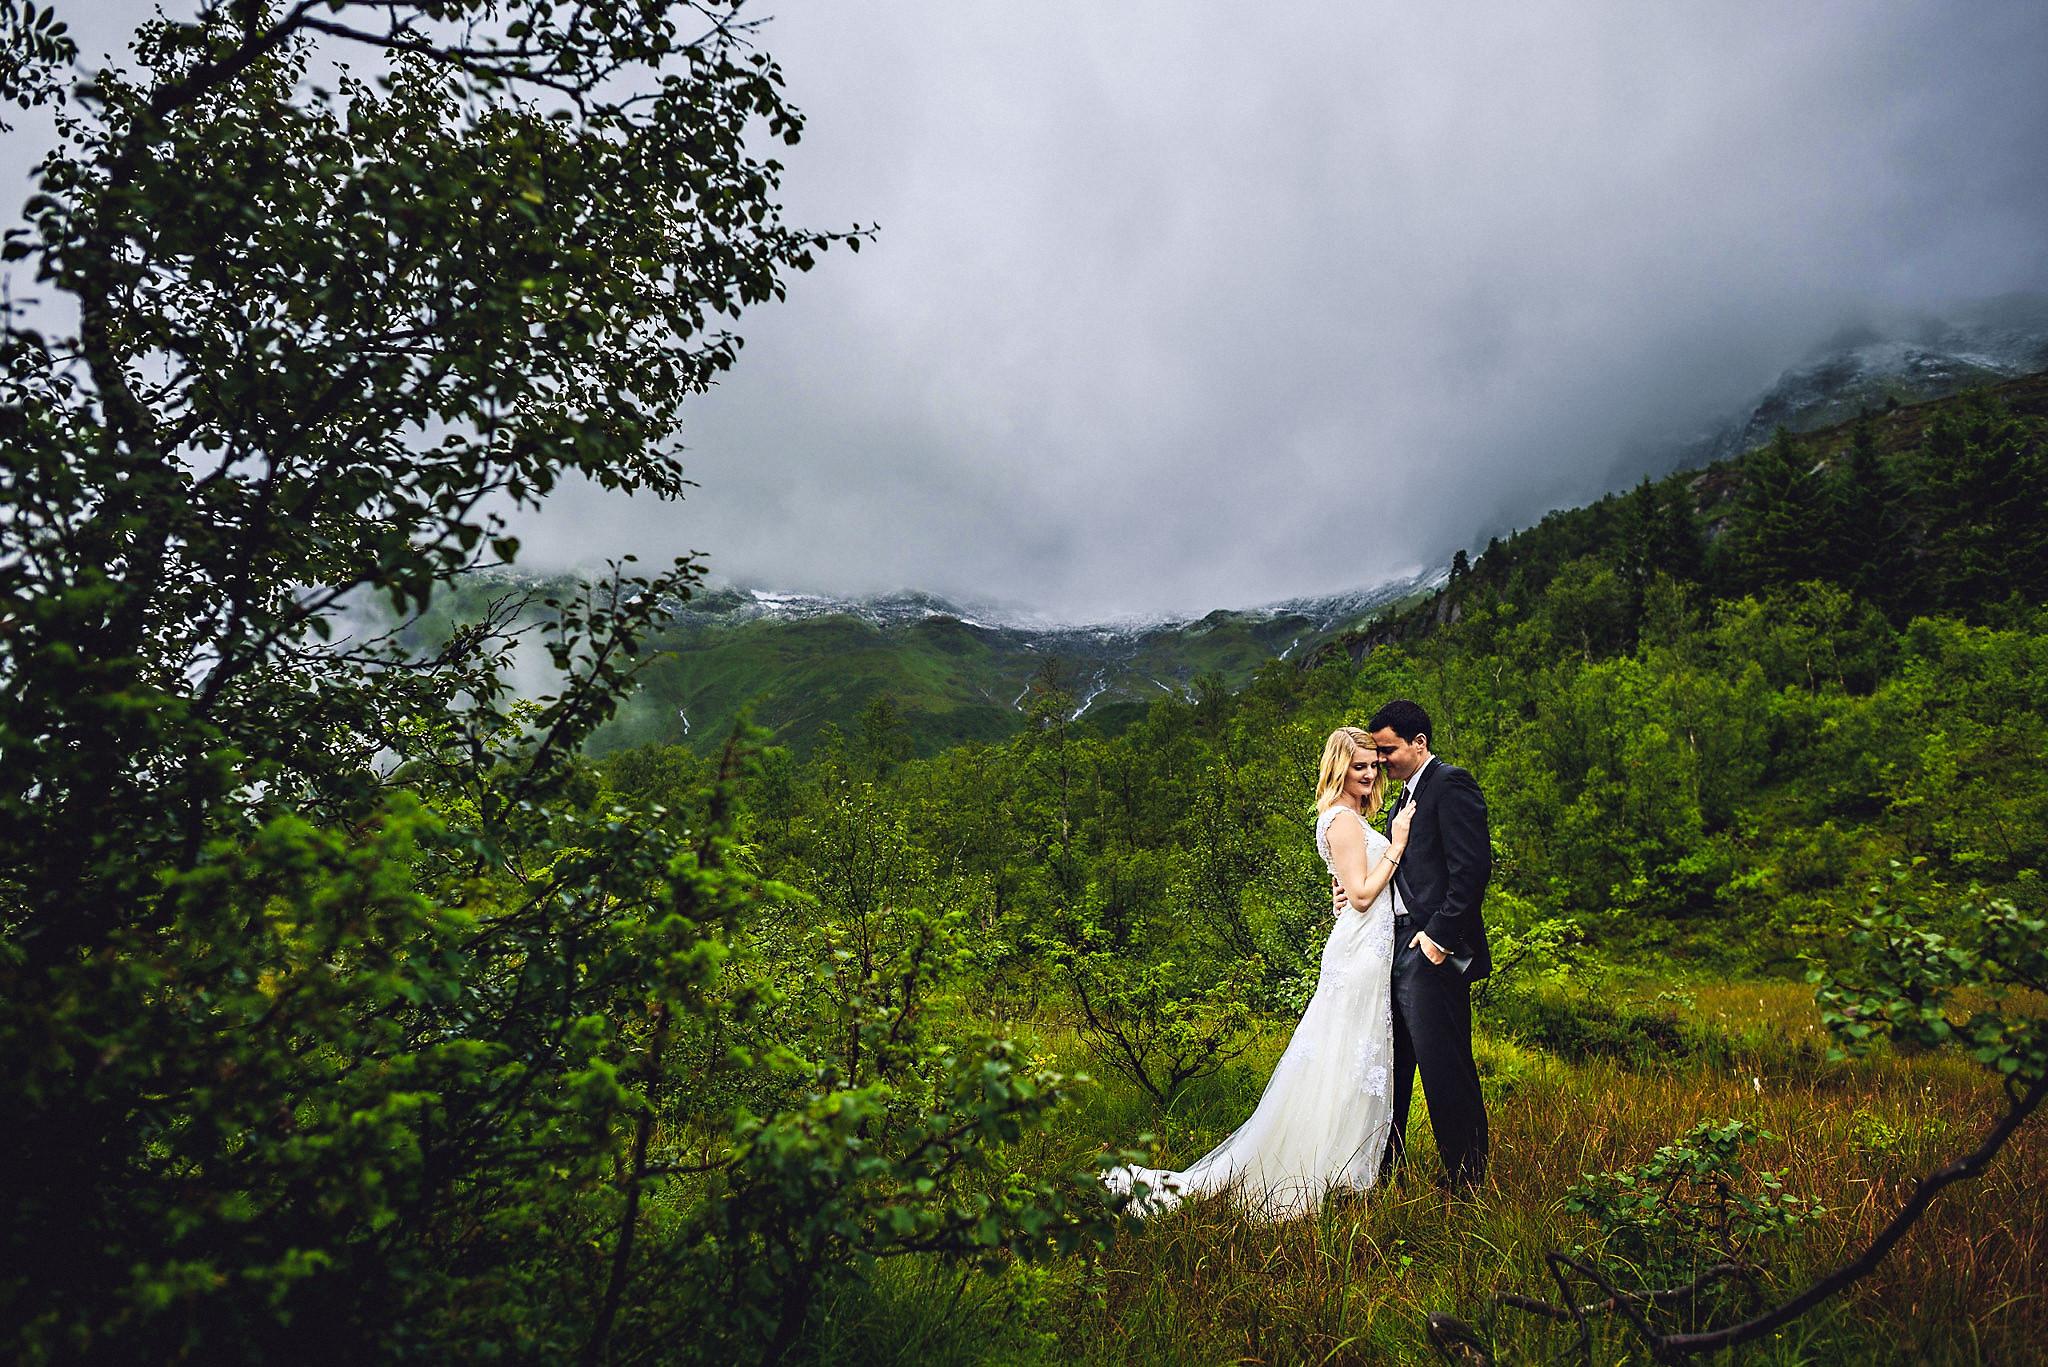 Eirik Halvorsen - Blikkfangerne angre på valget av bryllupsfotograf-10.jpg